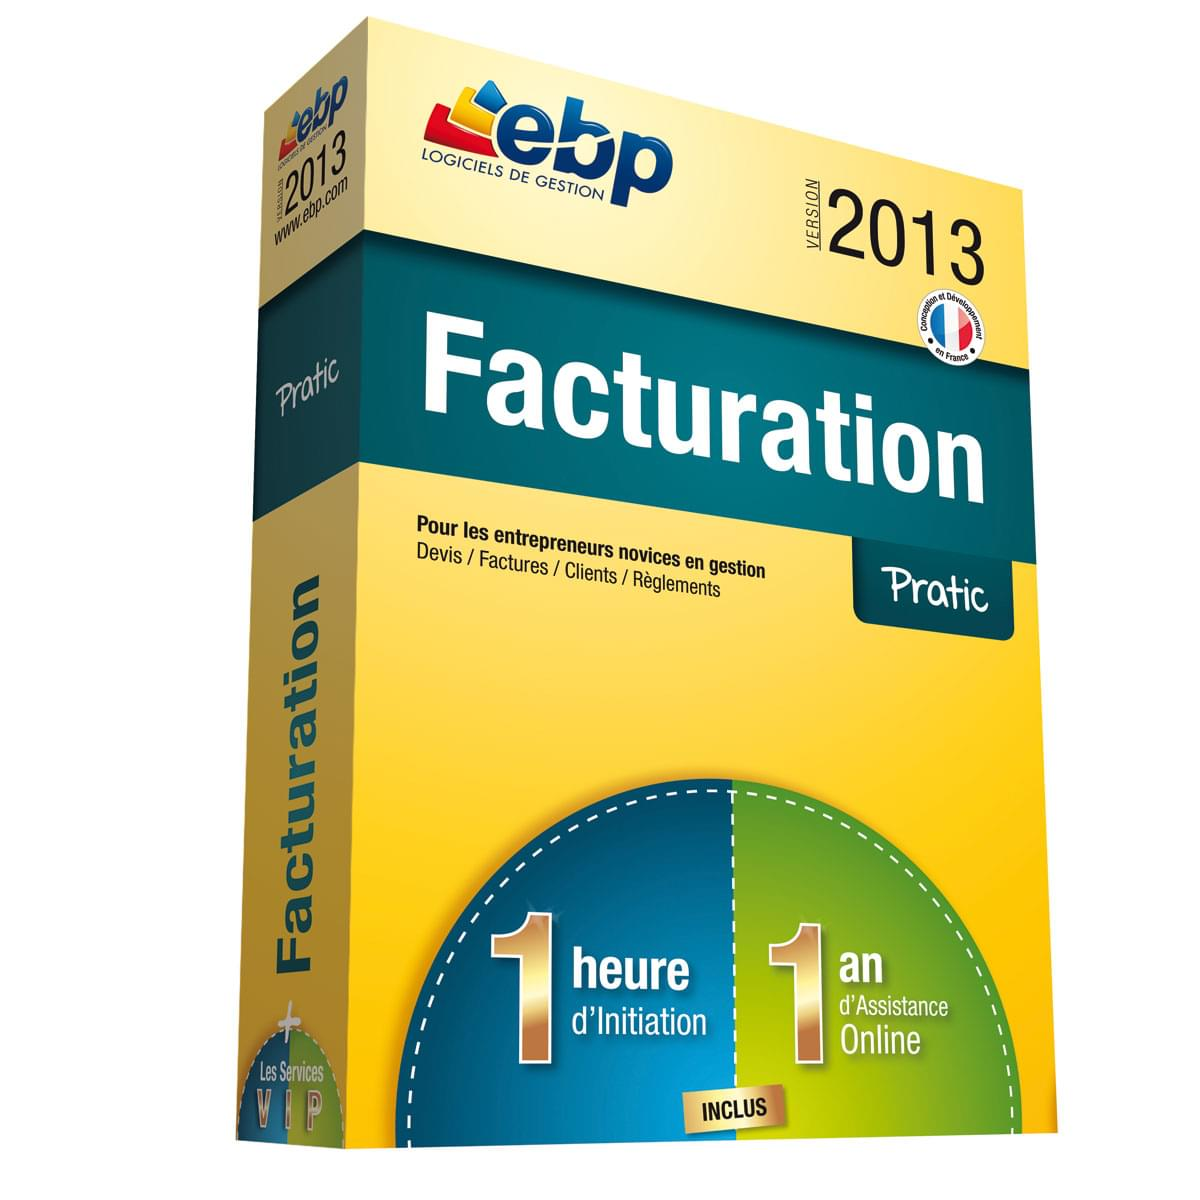 EBP Facturation Pratic 2013 + Services VIP (1008E051FAB) - Achat / Vente Logiciel application sur Cybertek.fr - 0